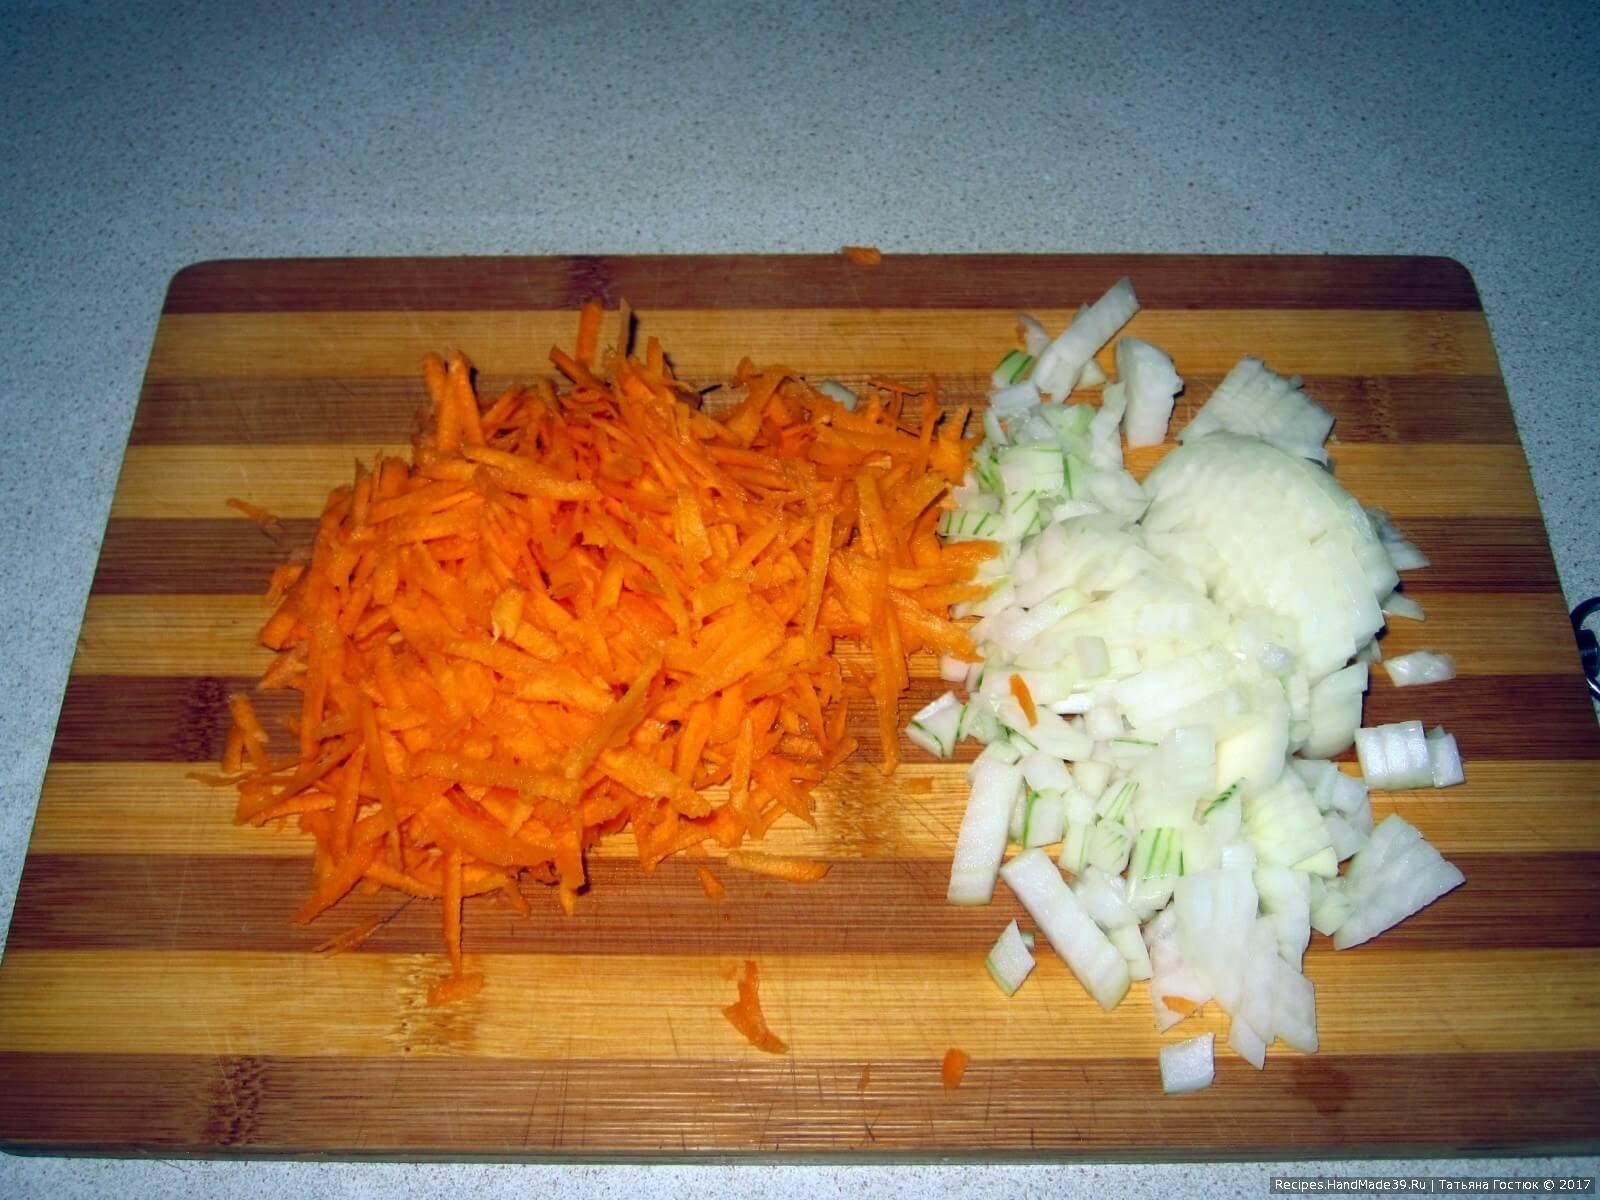 Лук и морковь чистим. Лук нарезаем кубиками, морковь натираем на крупной тёрке